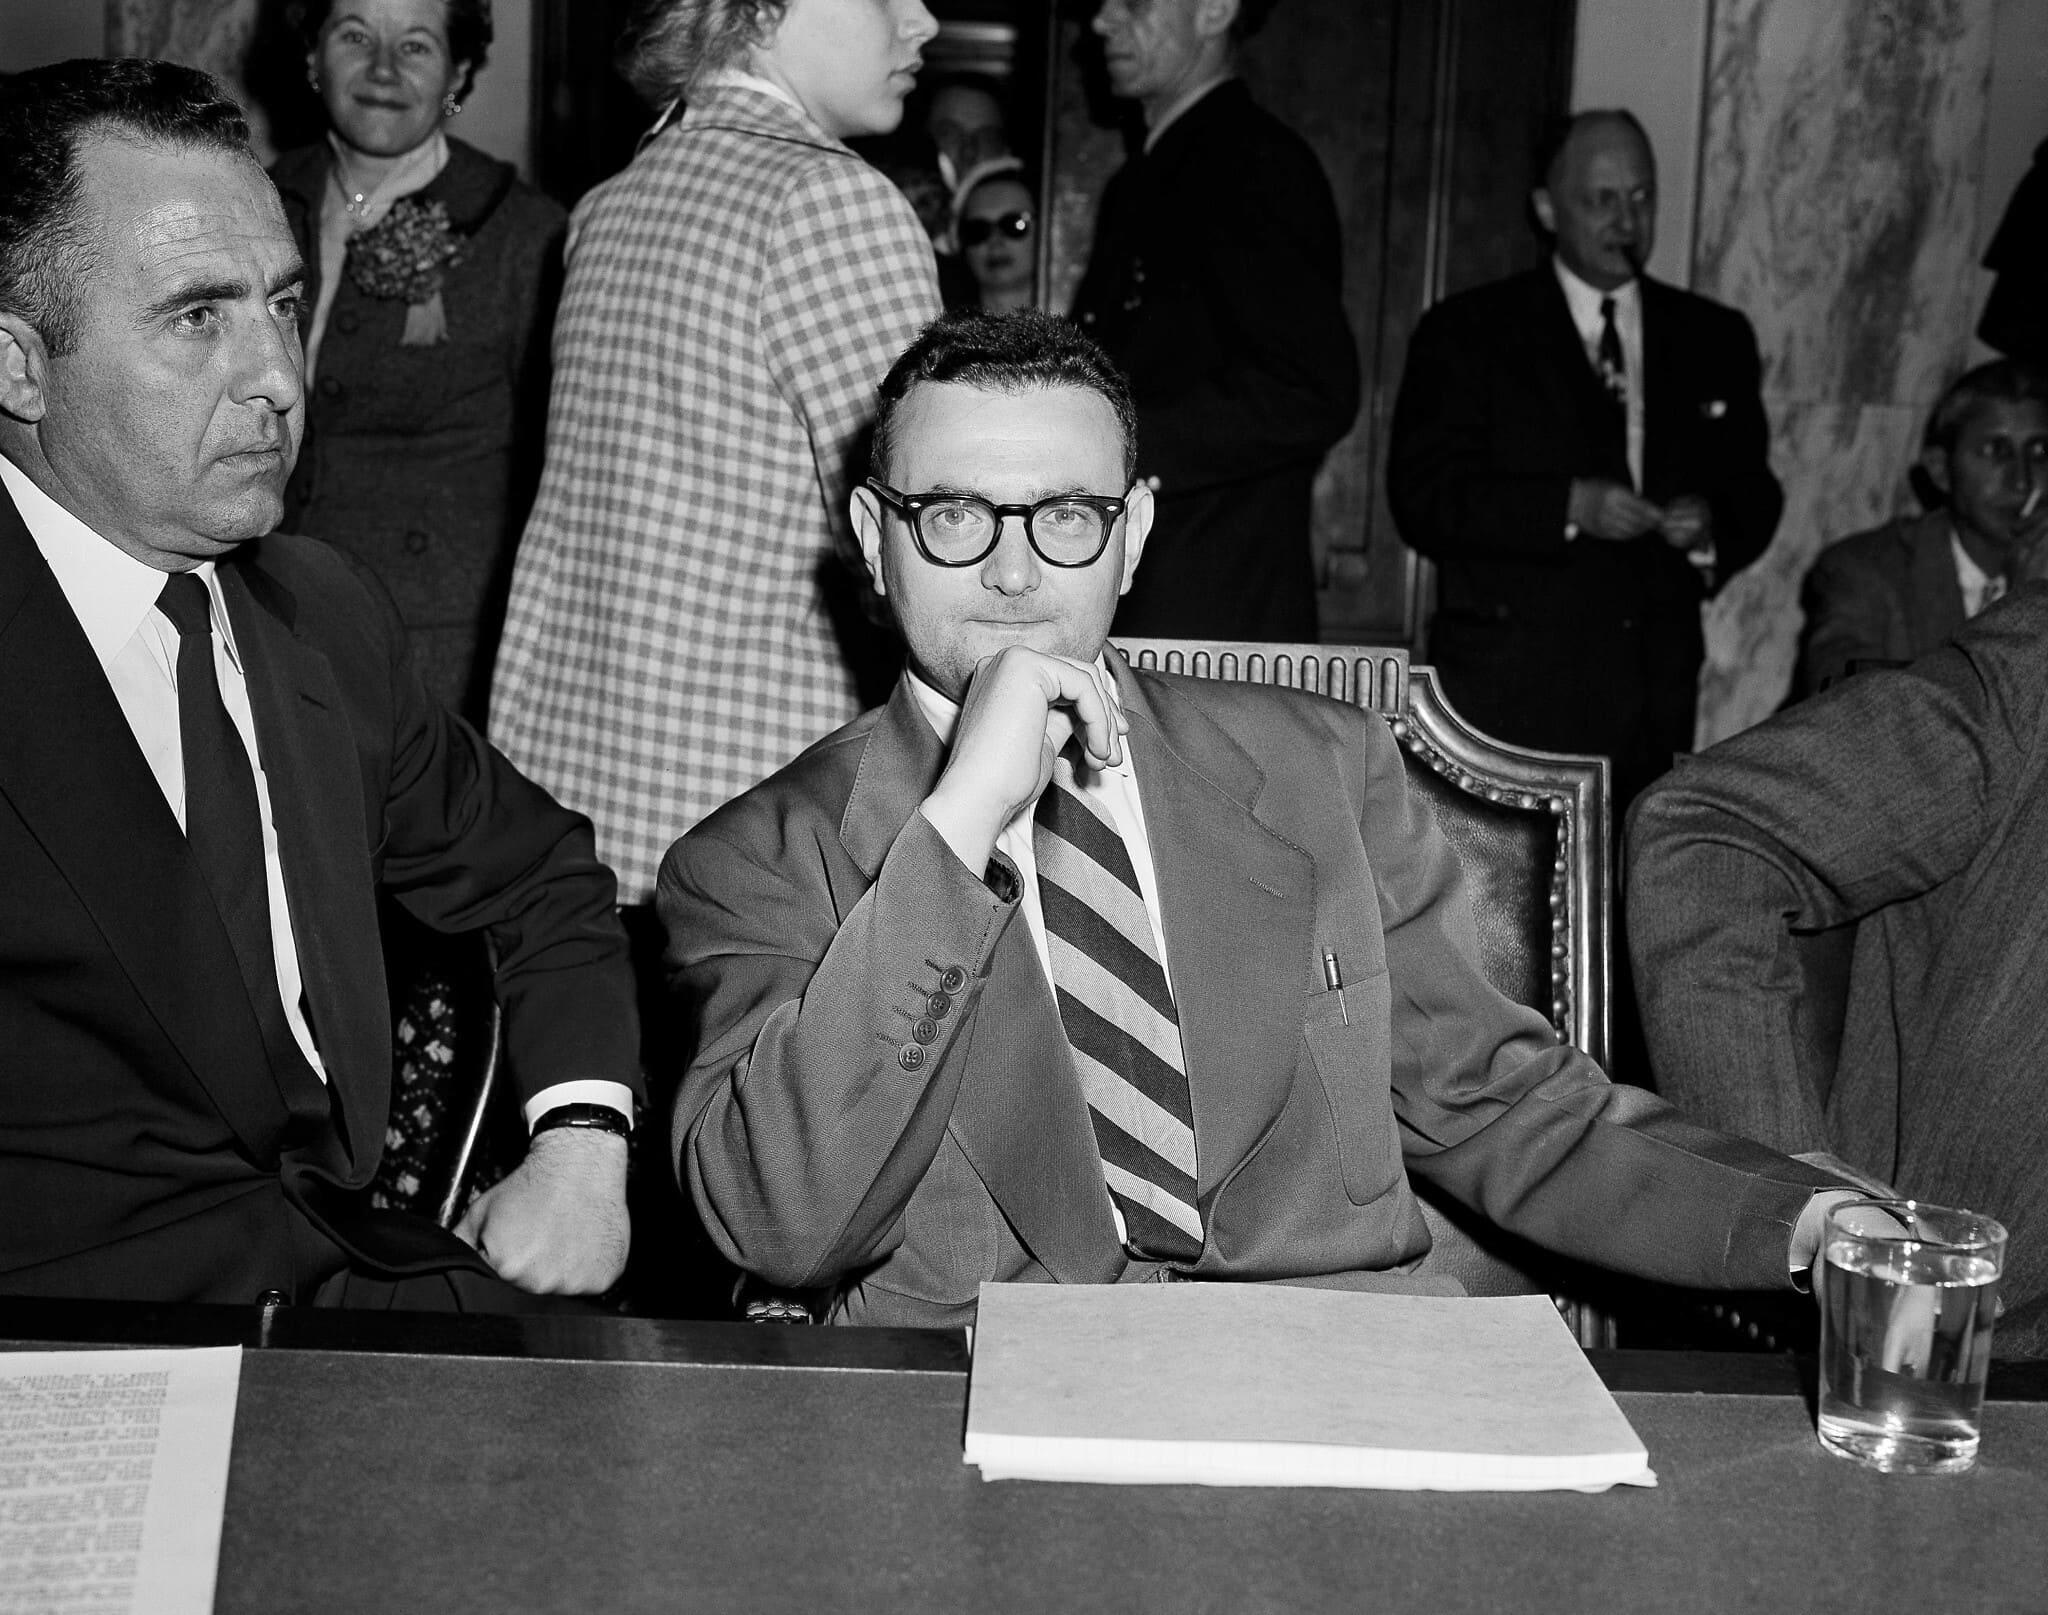 דייוויד גרינגלאס יושב ליד המרשל ג'וזף אורטו במהלך שימוע בתת ועדה בסנאט בוושינגטון, 26 באפריל 1956 (צילום: Henry Griffin, AP)